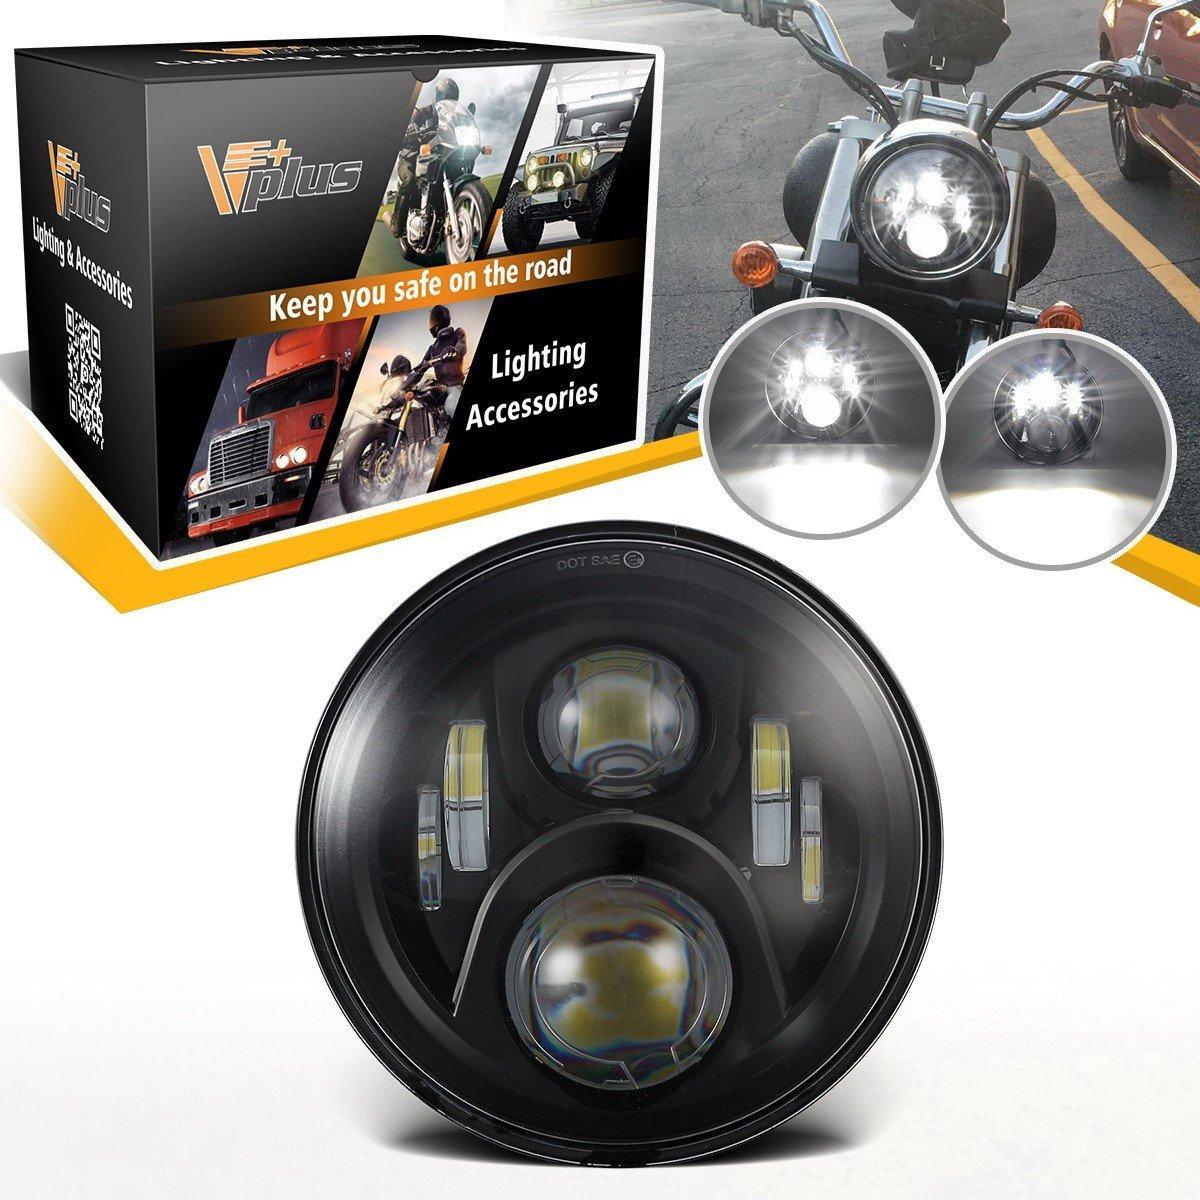 Partsam 7'' inch LED Headlight Harley Davidson Motorcycle Projector Daymaker HID LED Light Bulb Jeep Wrangler JK LJ CJ Headlamp Black